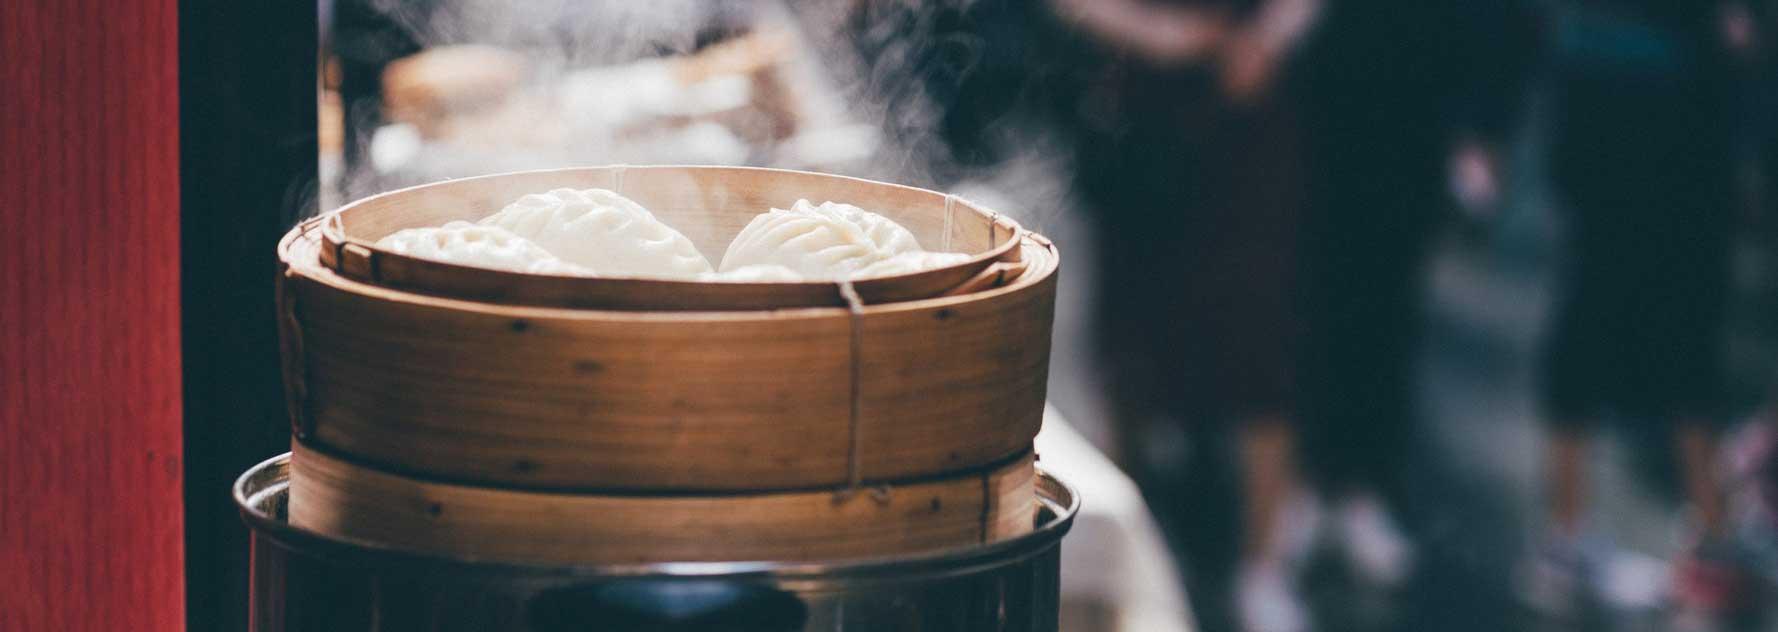 Bambus Dampfkorb